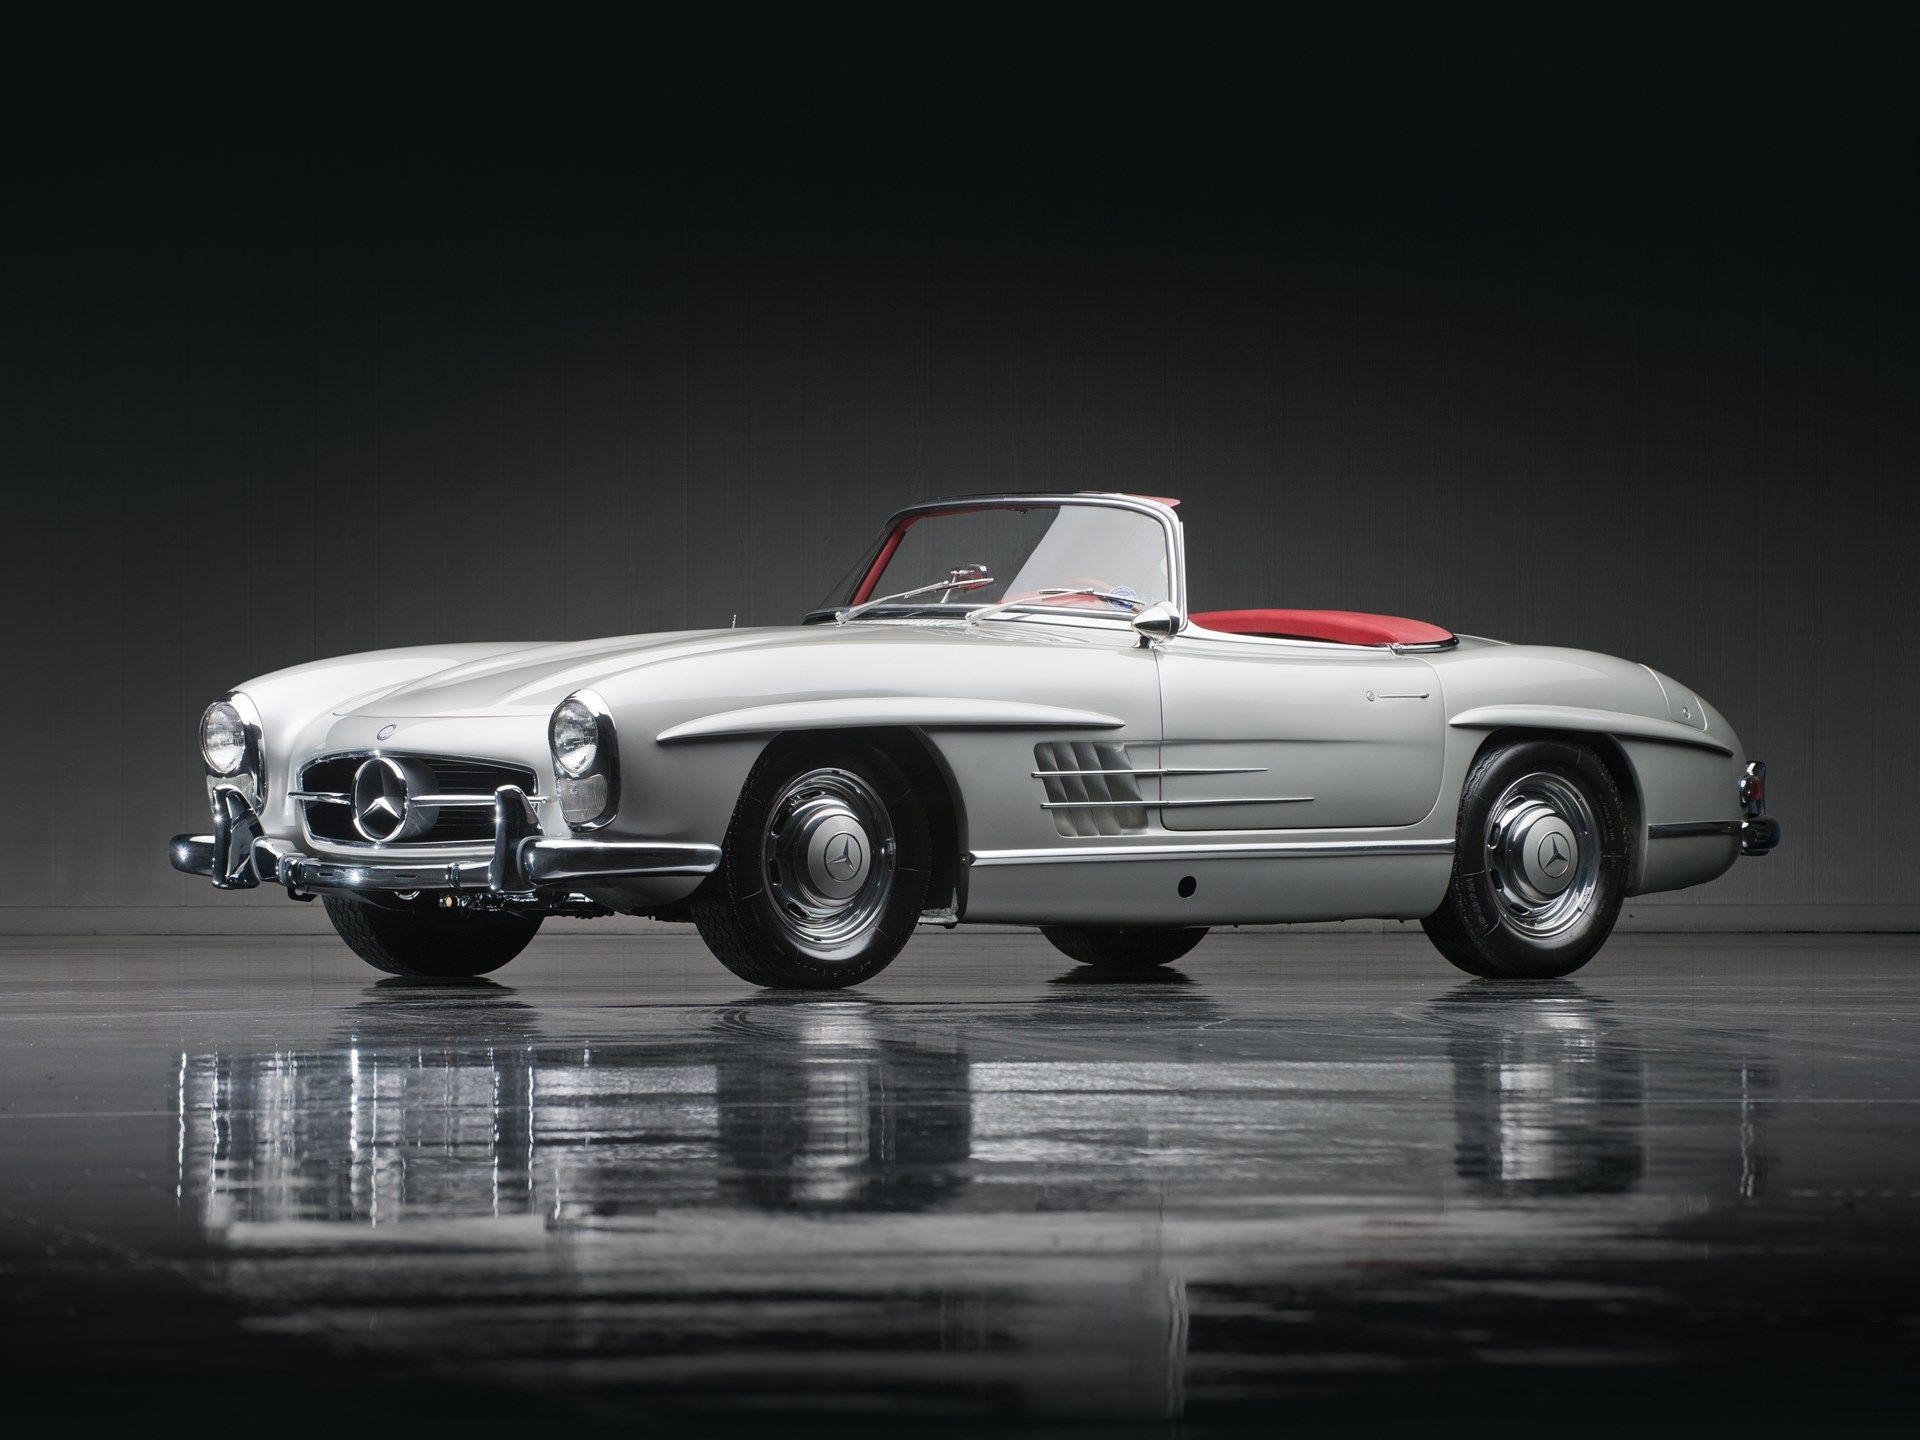 1957 Mercedes Benz 300sl Roadster Mercedes Benz Classic Mercedes Benz Benz